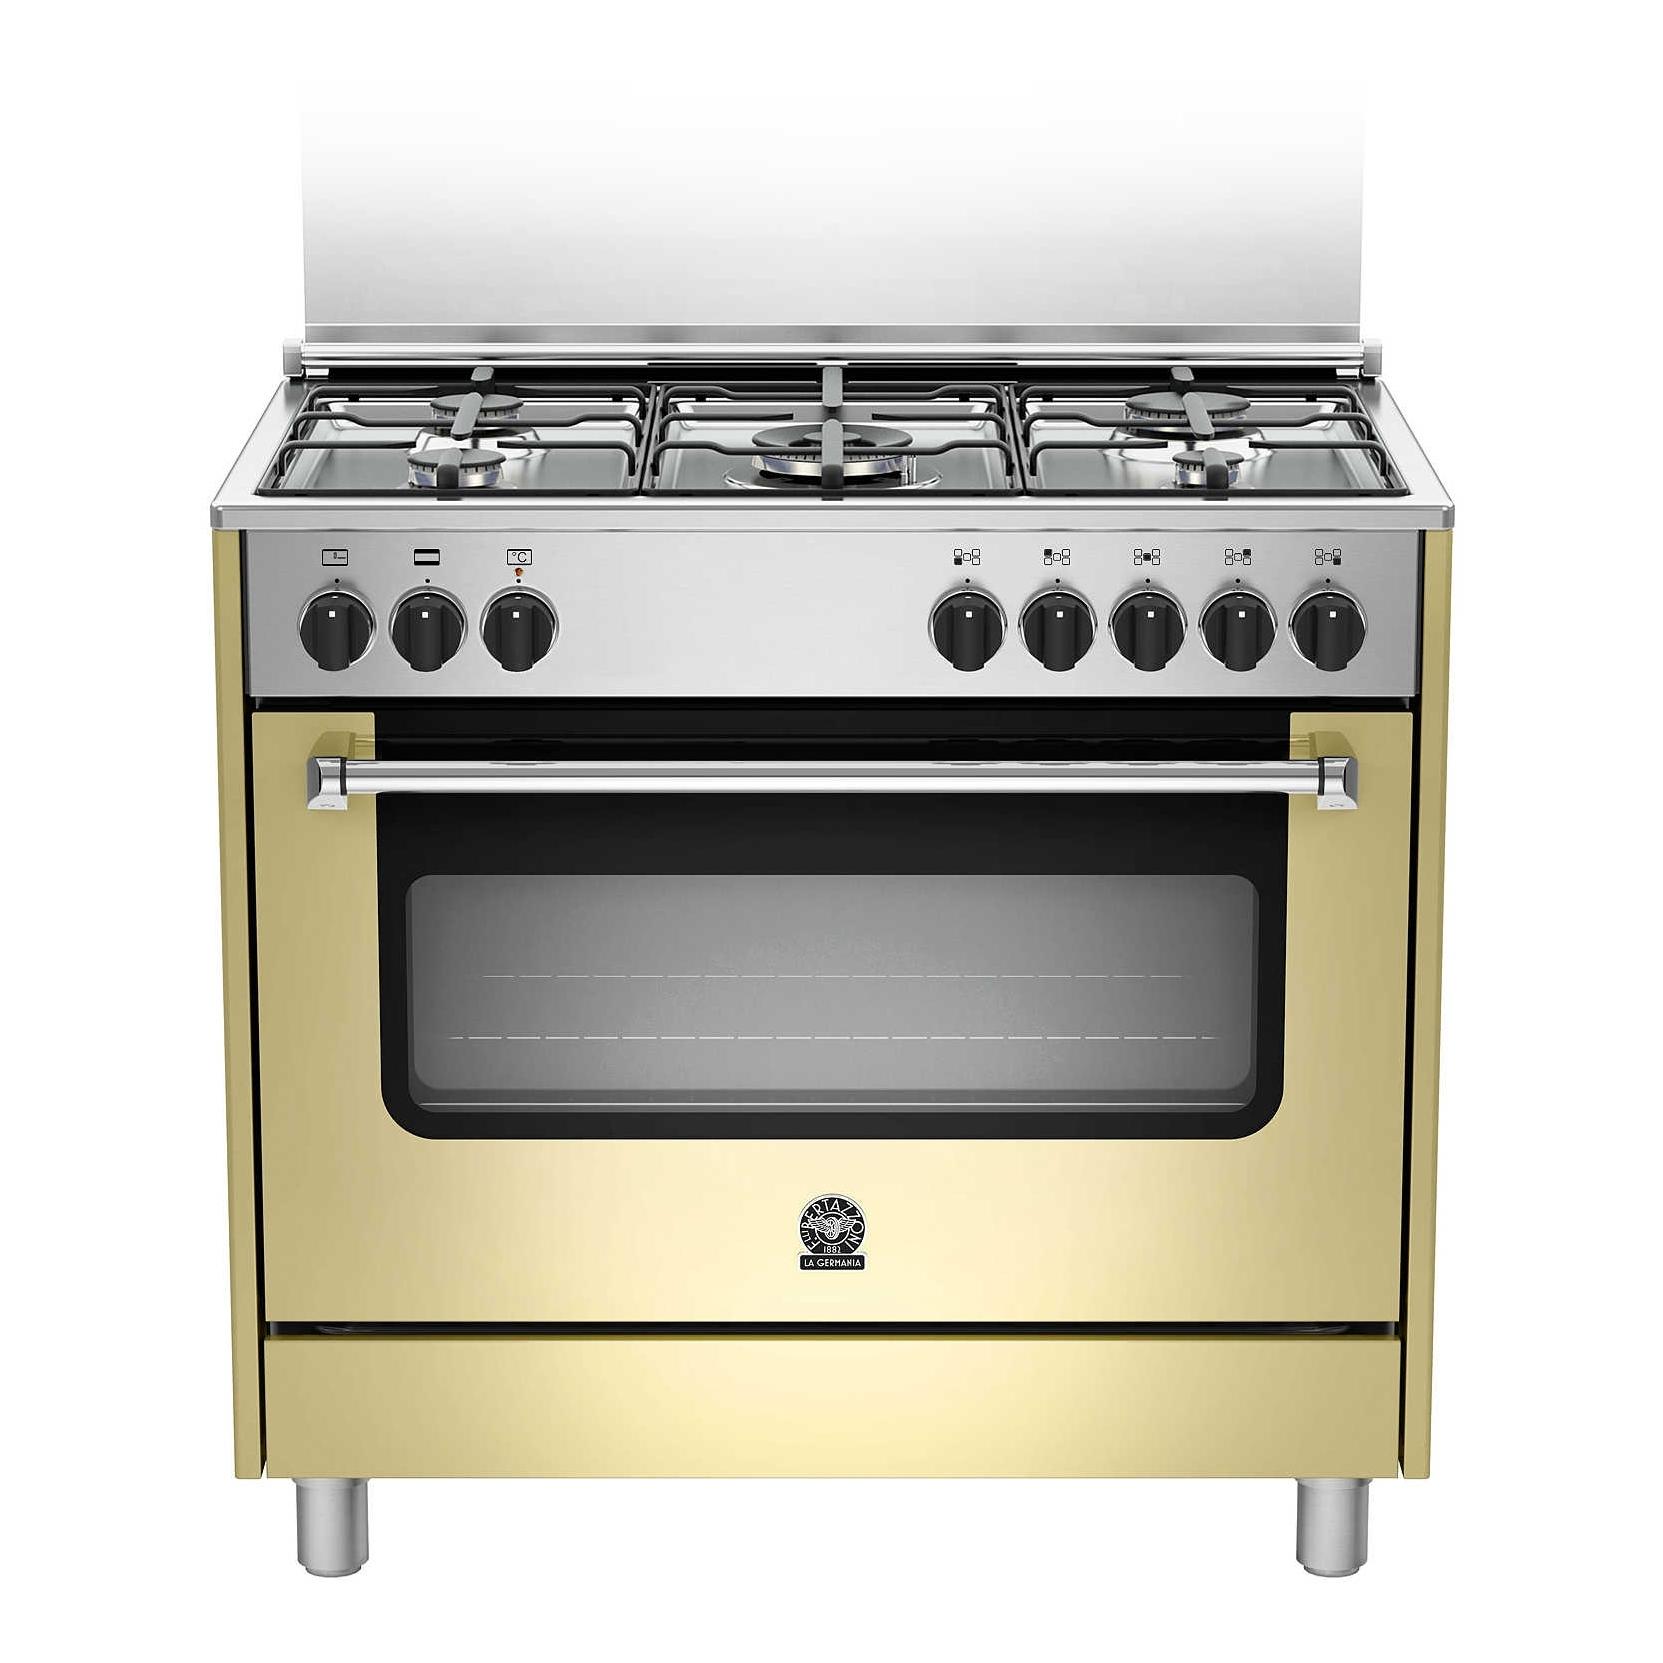 Cucina la germania ams95c61ccr 90x60 colore crema forno elettrico ventilato elettrovillage - Cucine a gas la germania ...